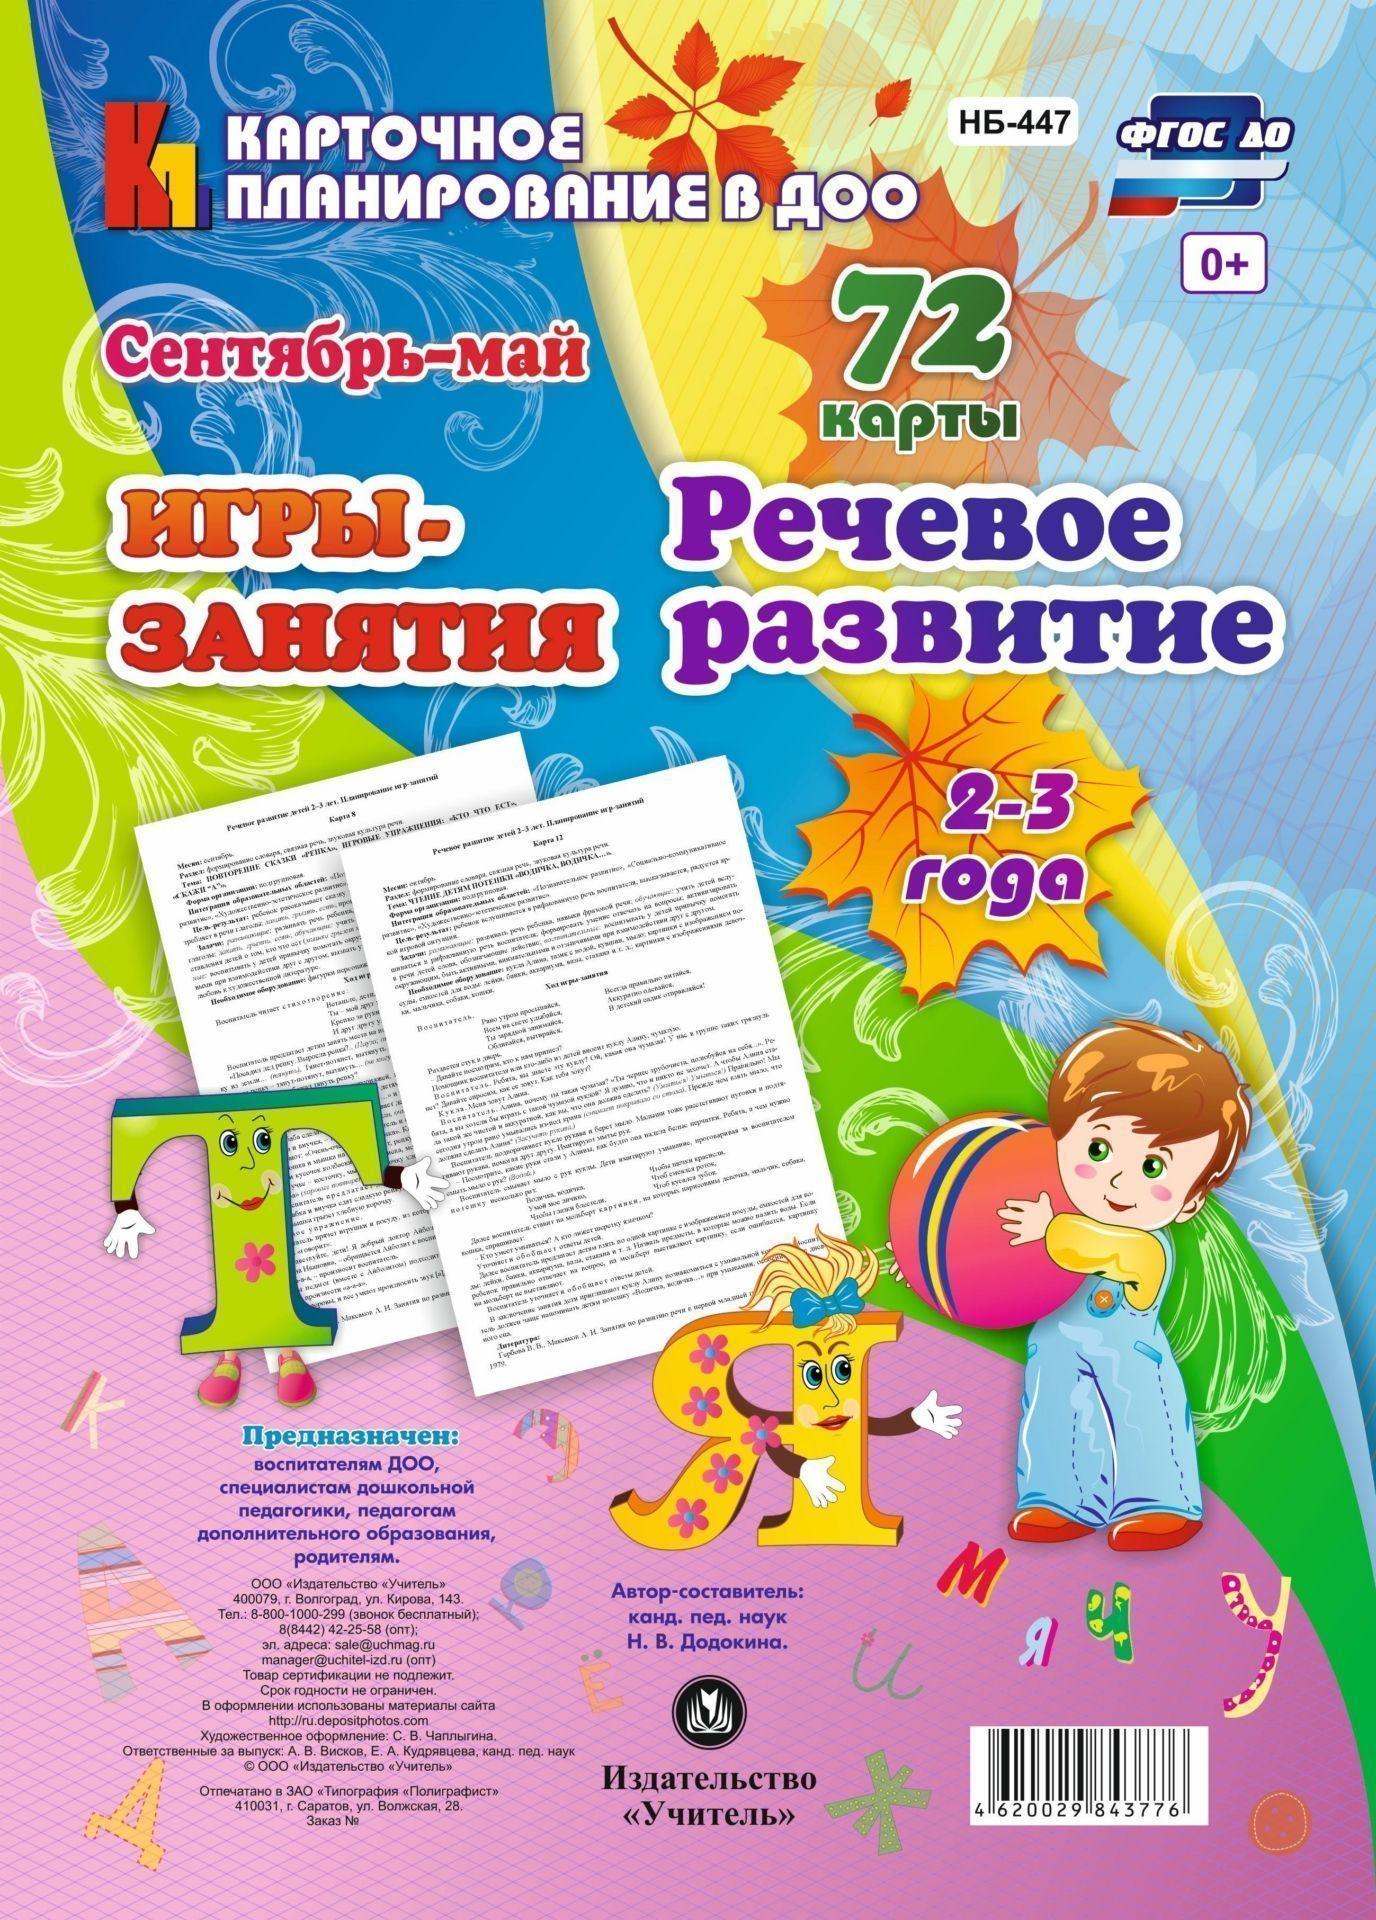 НОД. Речевое развитие детей. 2-3 года. Сентябрь-май: 72 карты